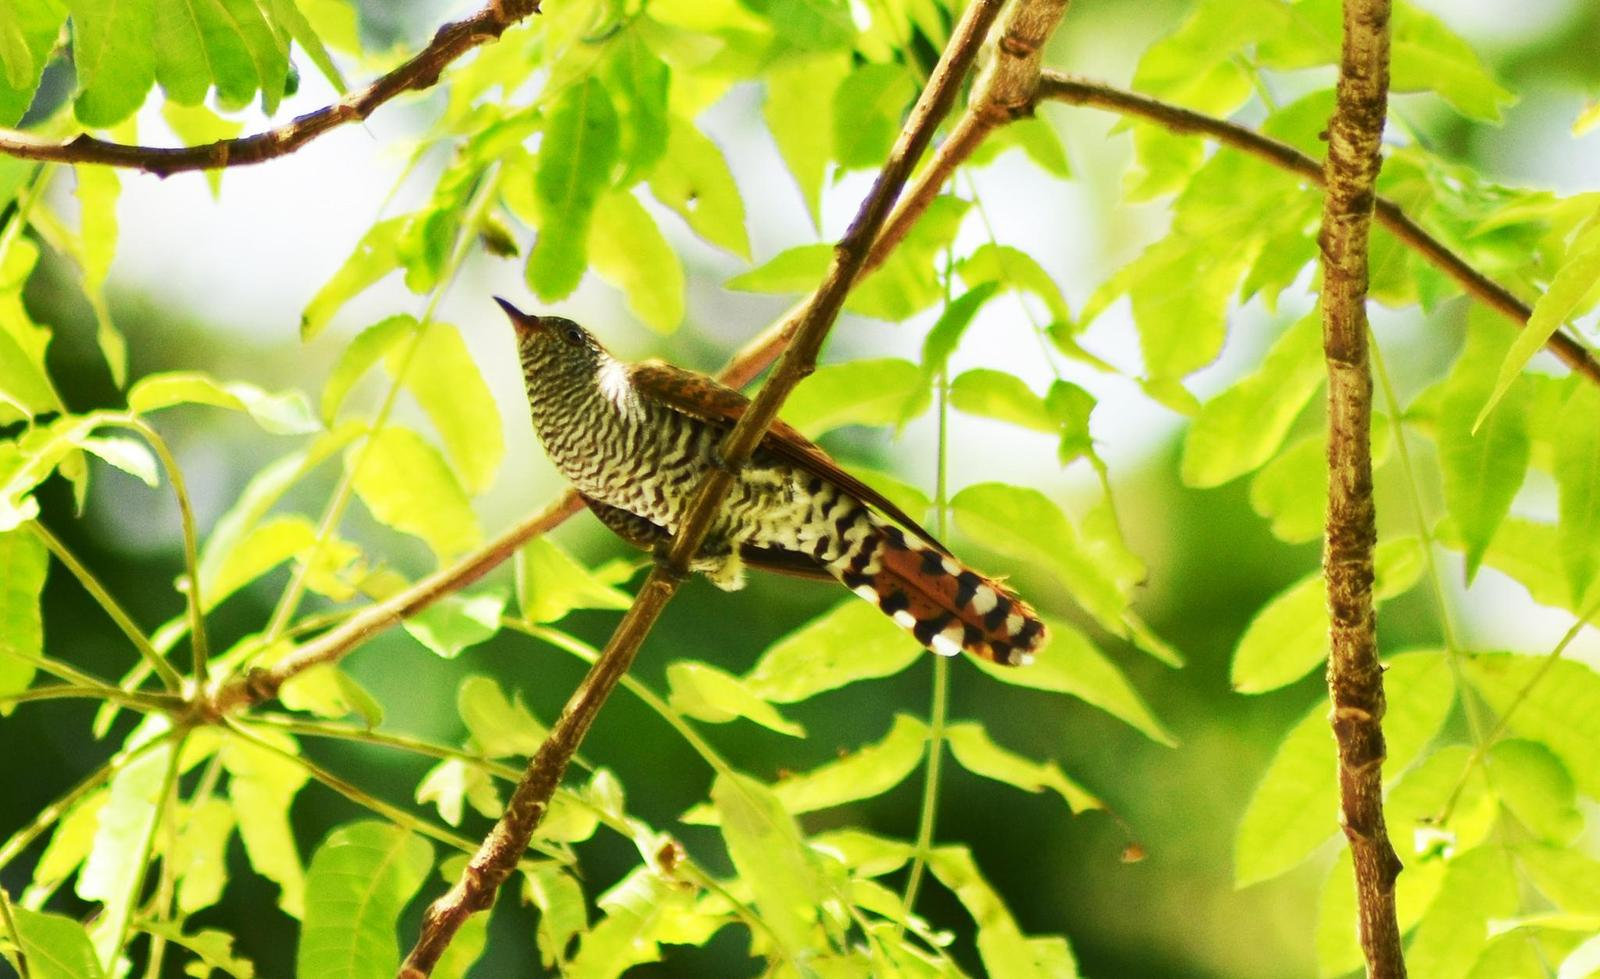 Violet Cuckoo Photo by Uthai Cheummarung